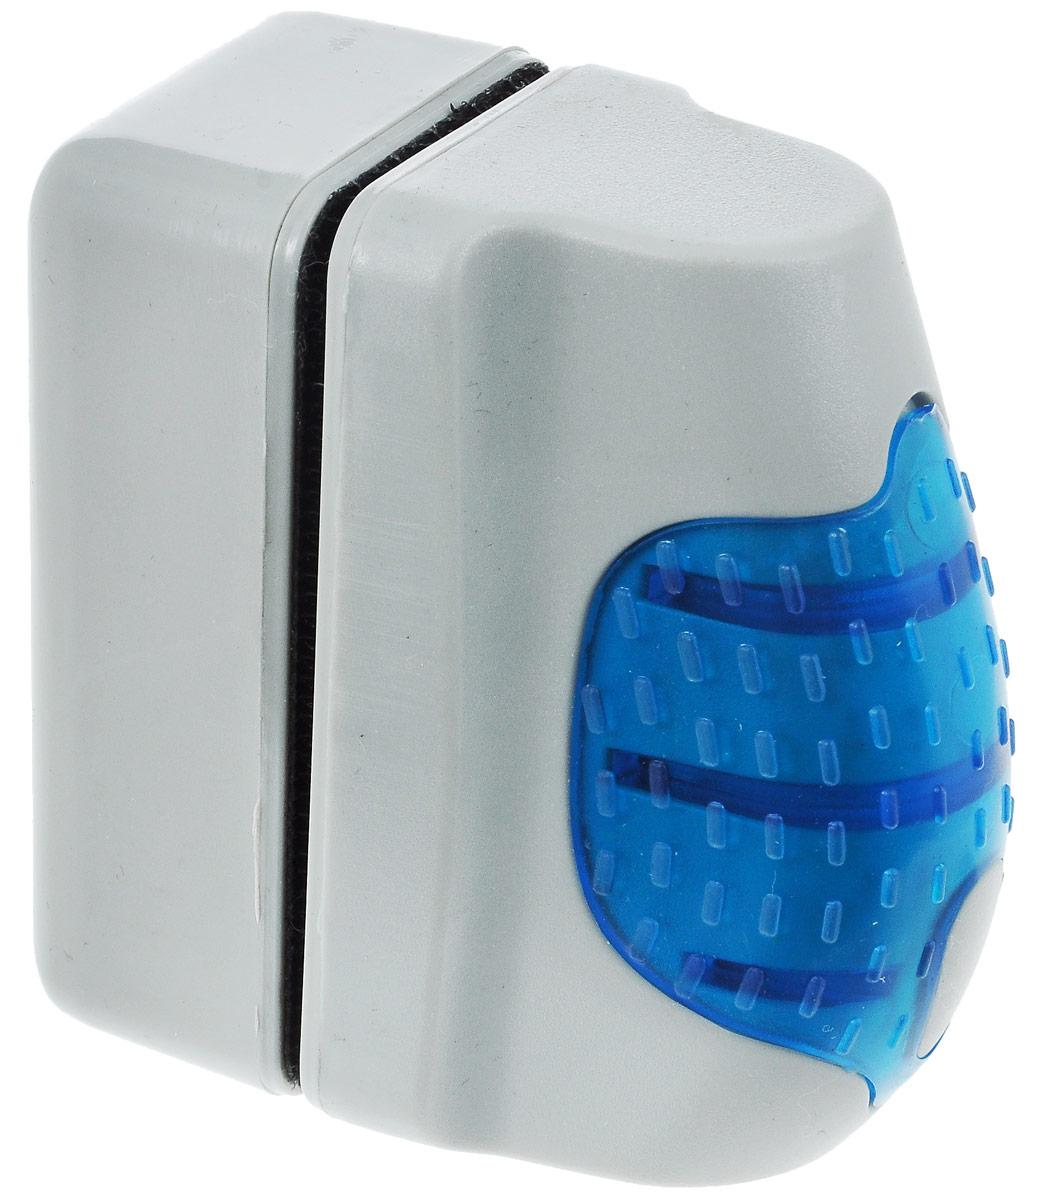 Щетка аквариумная Barbus №1, магнитная, всплывающаяSB-1BMINМагнитный скребок Barbus №1 предназначен для быстрой и тщательной очистки стекол аквариума от налета и обрастаний. Ключевые преимущества: - Скребок позволяет осуществлять чистку в труднодоступных местах, не прибегая к дополнительному погружению. - За счет эффекта поплавка можно избежать потери скребка на дне аквариума, а за счет мощного магнита можно вернуть его в нужное положение. - Инновационный материал подушечек позволяет эффективно удалять водоросли со стекла, не нанося при этом царапин на поверхность. Размер рабочей поверхности скребка: 7 х 3,5 см. Общий размер: 6,5 х 3,5 х 7 см.